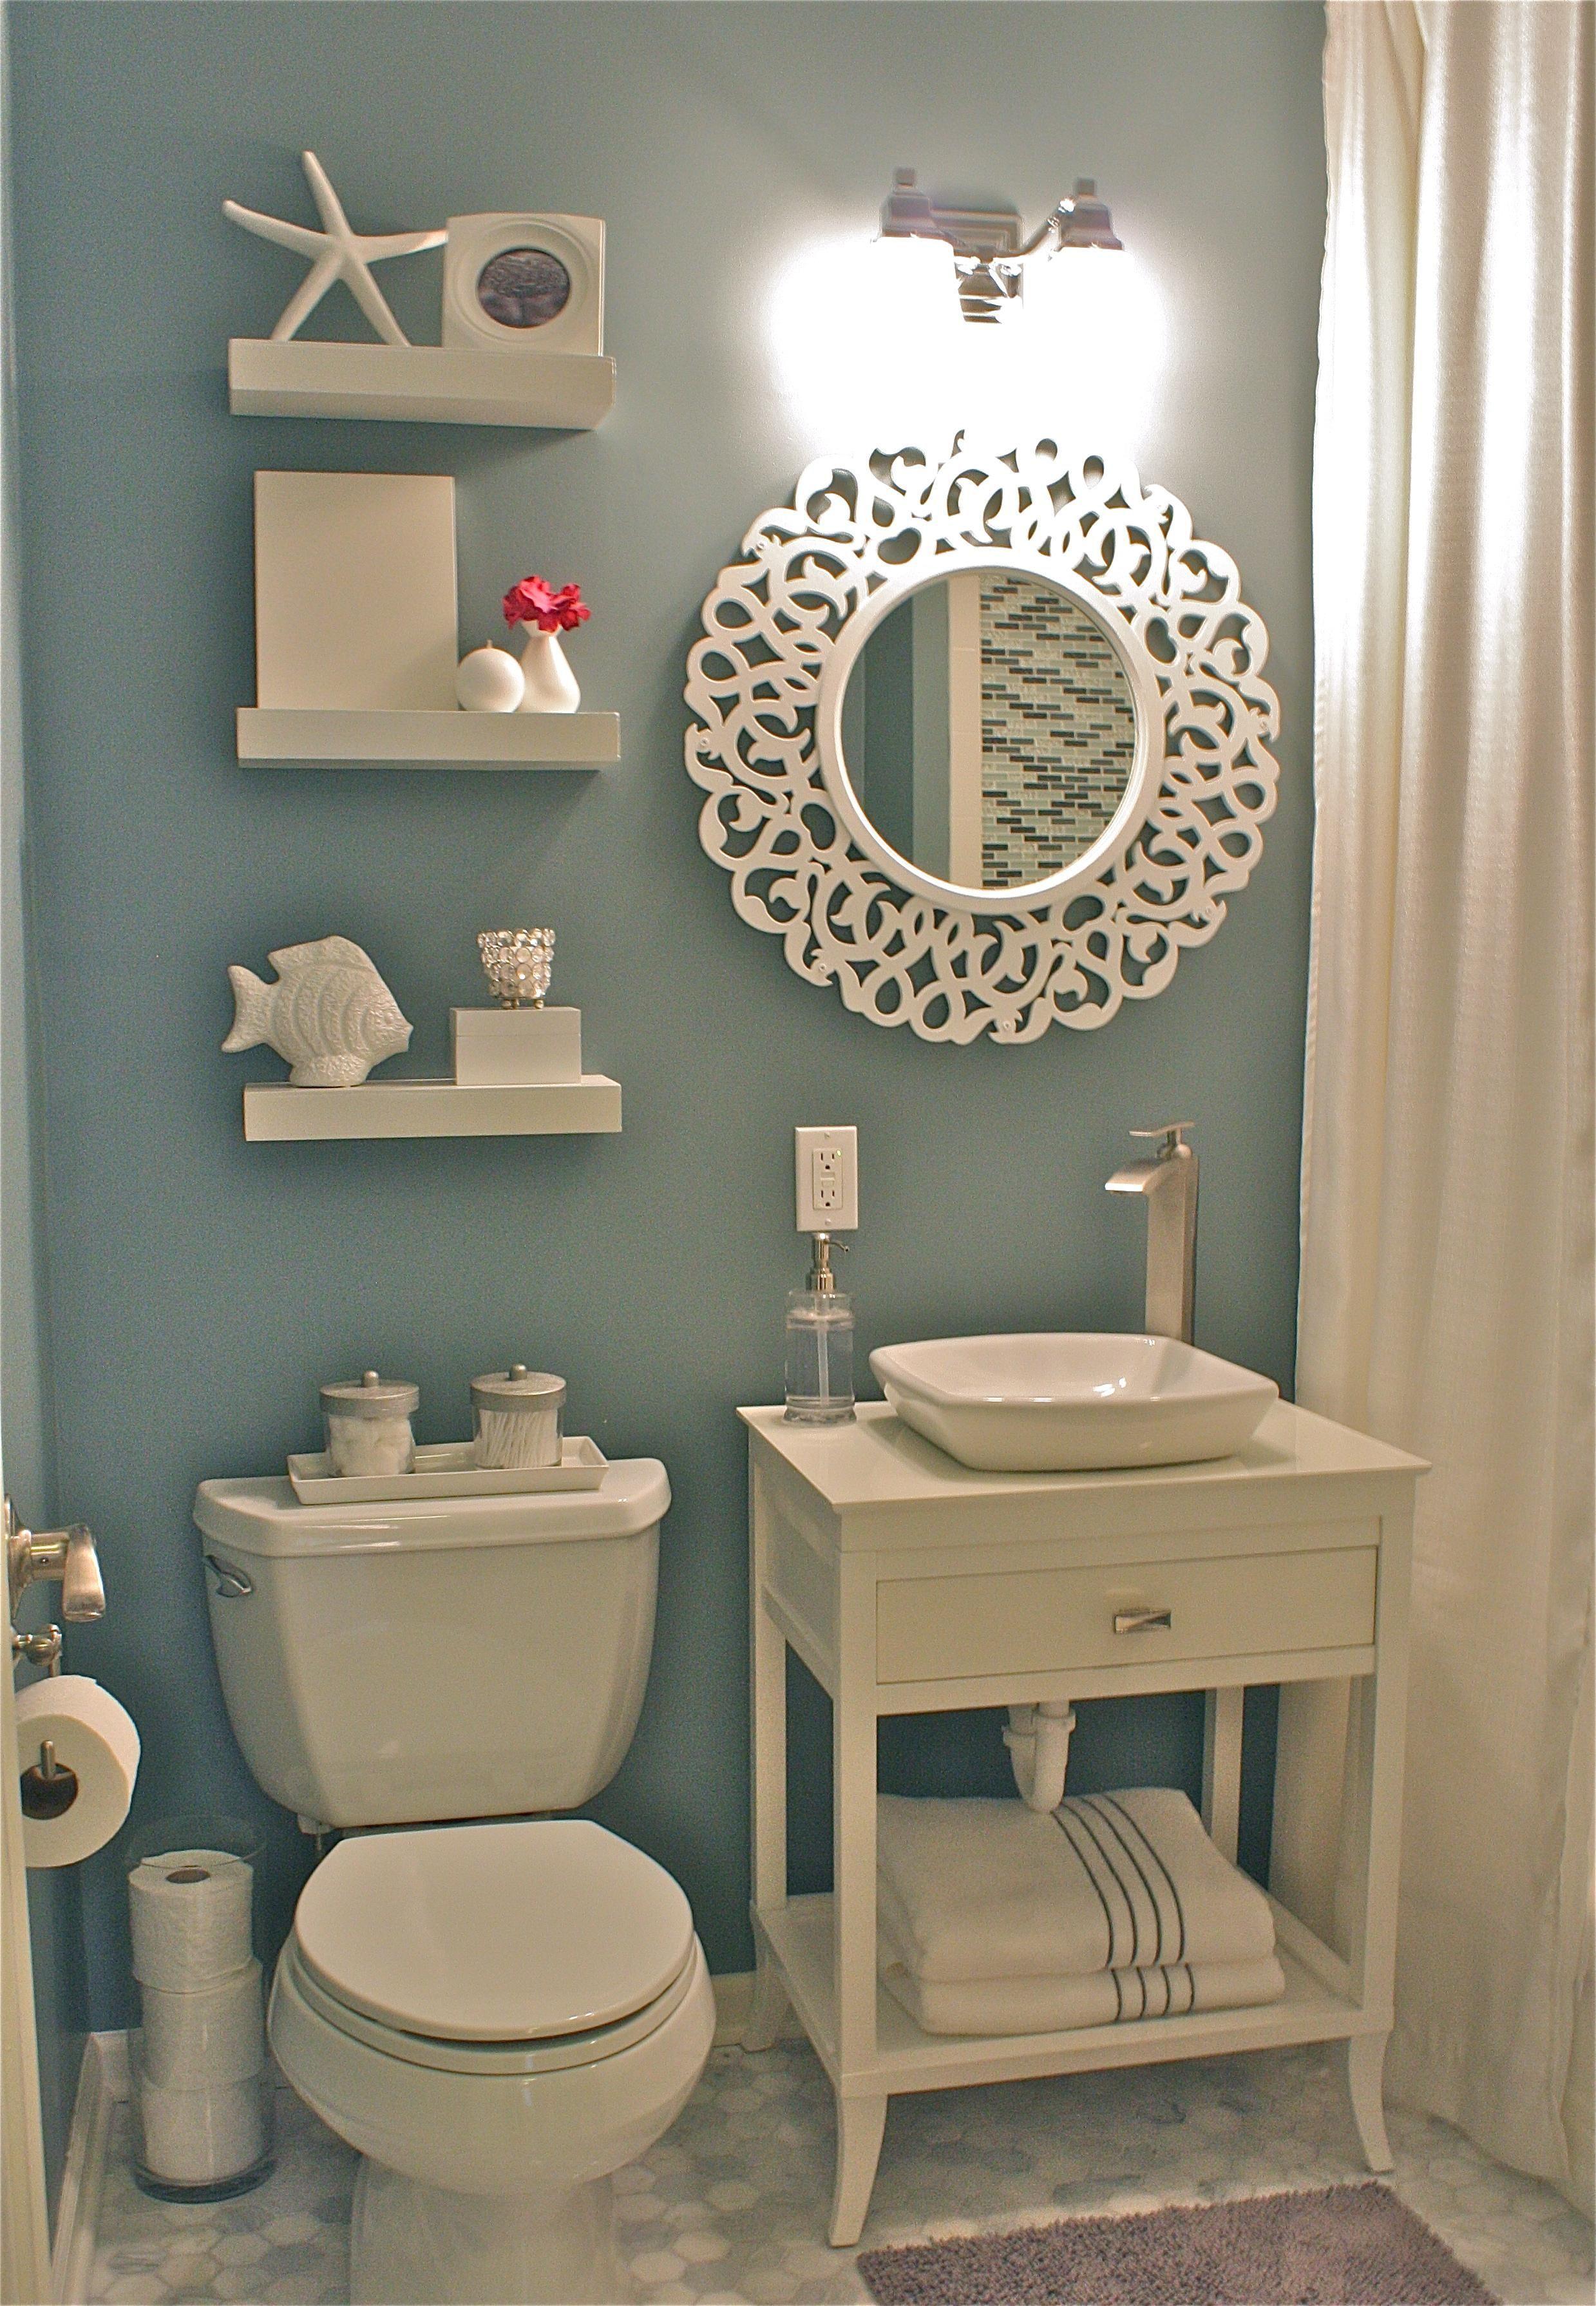 10 Delightful Diy Bathroom Mirror Ideas Nautical Bathroom Decor